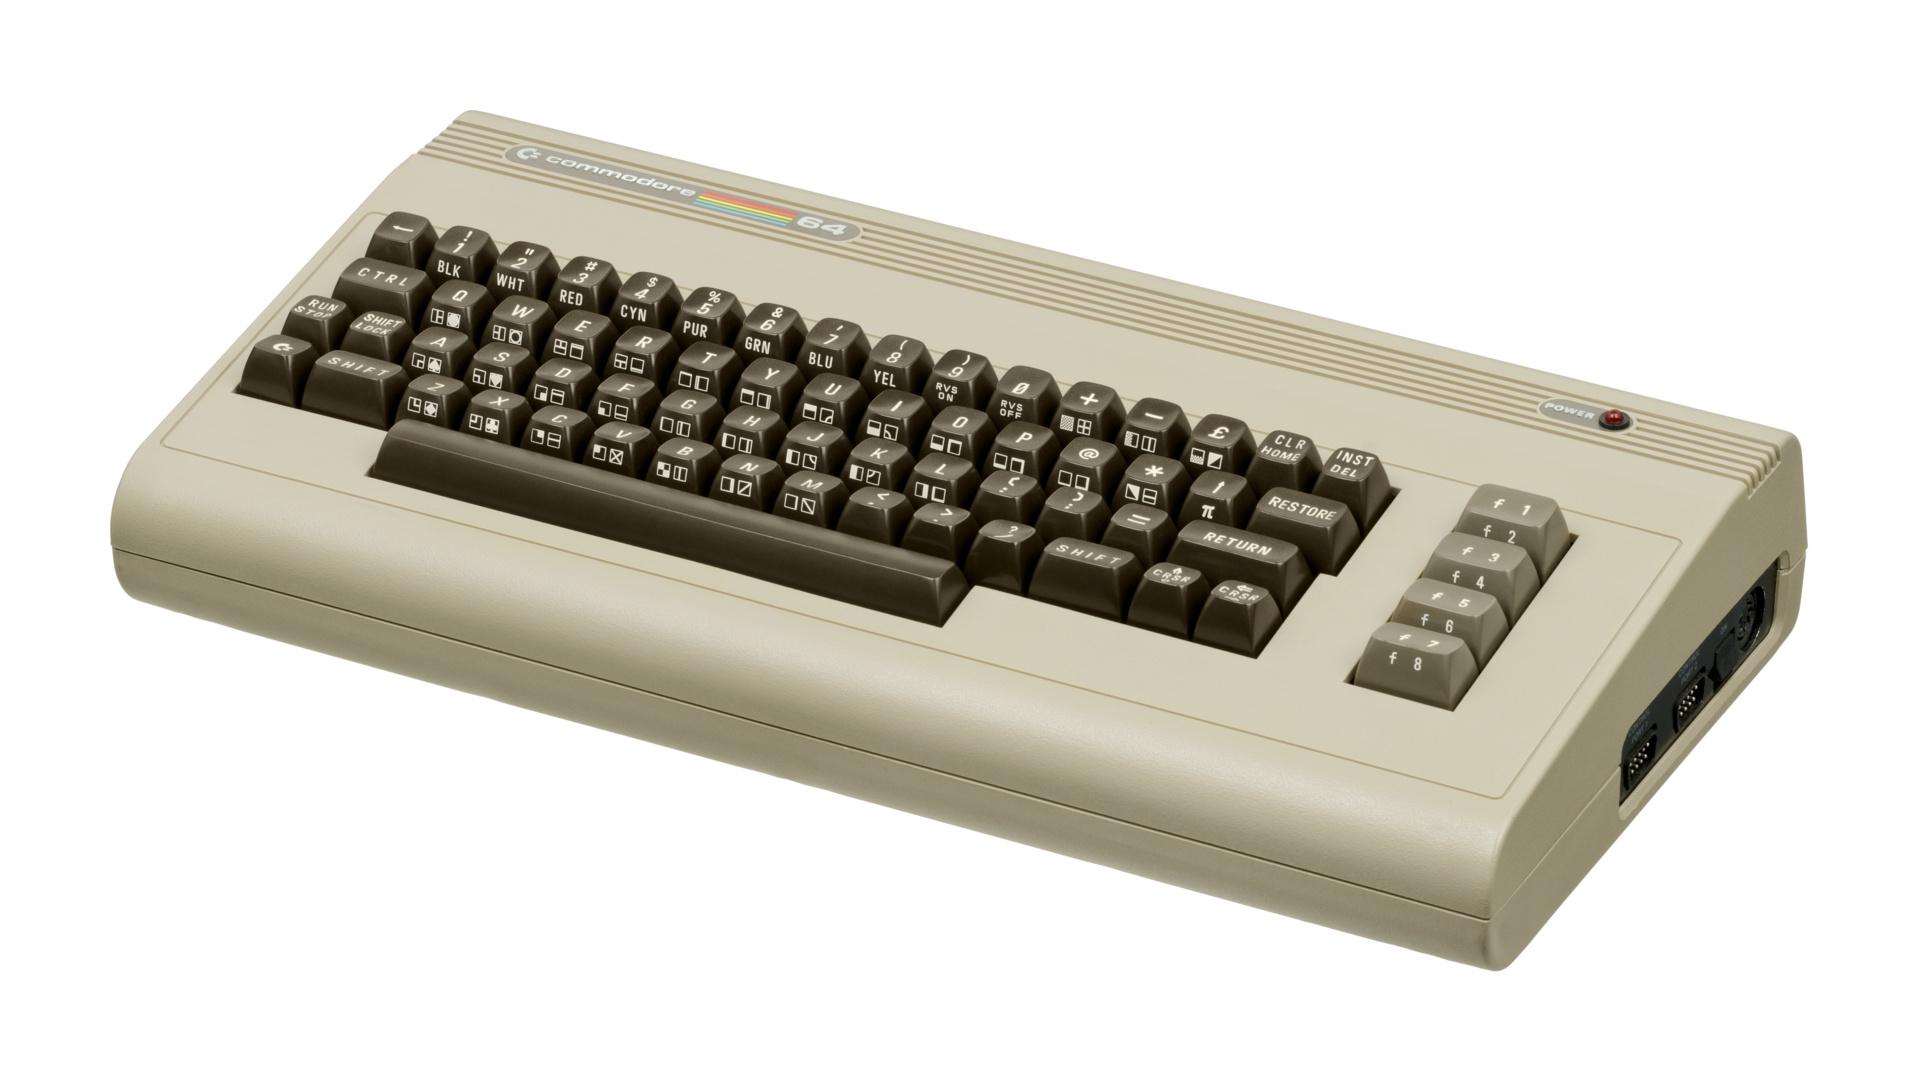 ...ging 1982 der legendäre C64 hervor